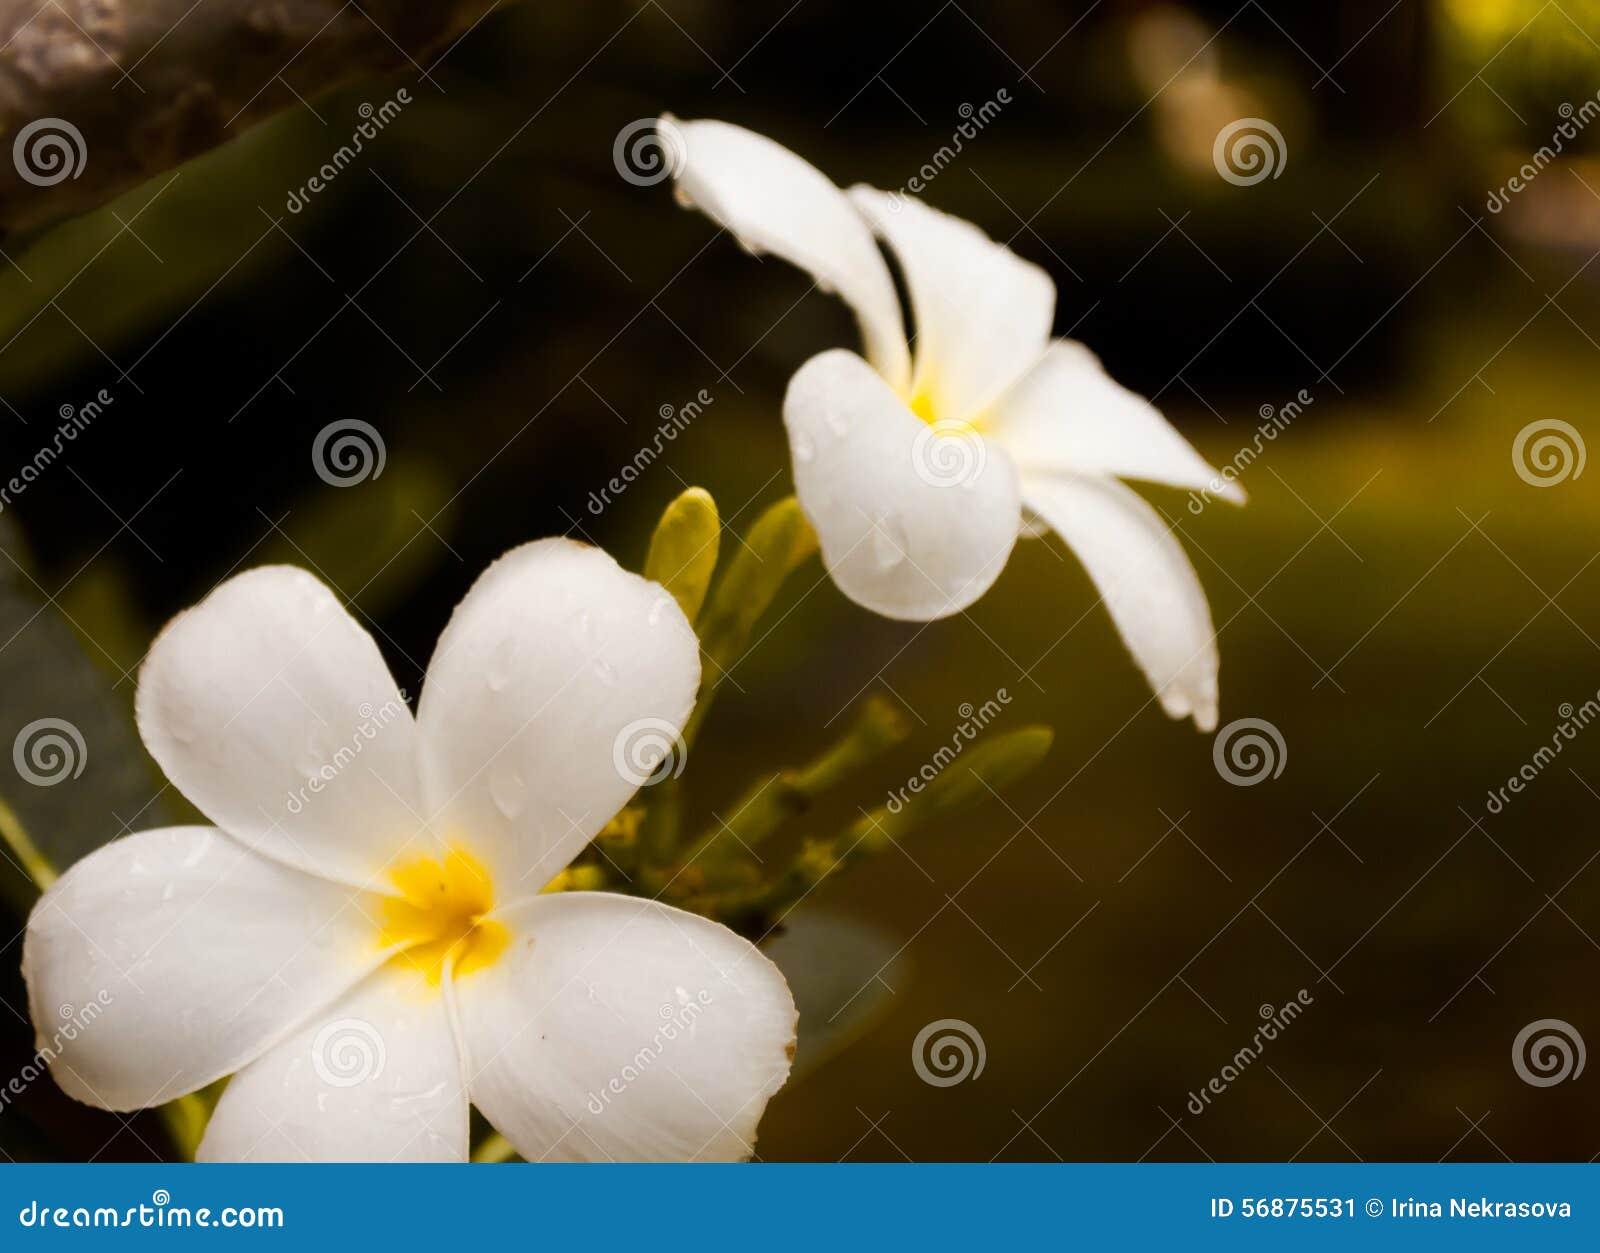 Plumeria das flores brancas com gota da chuva